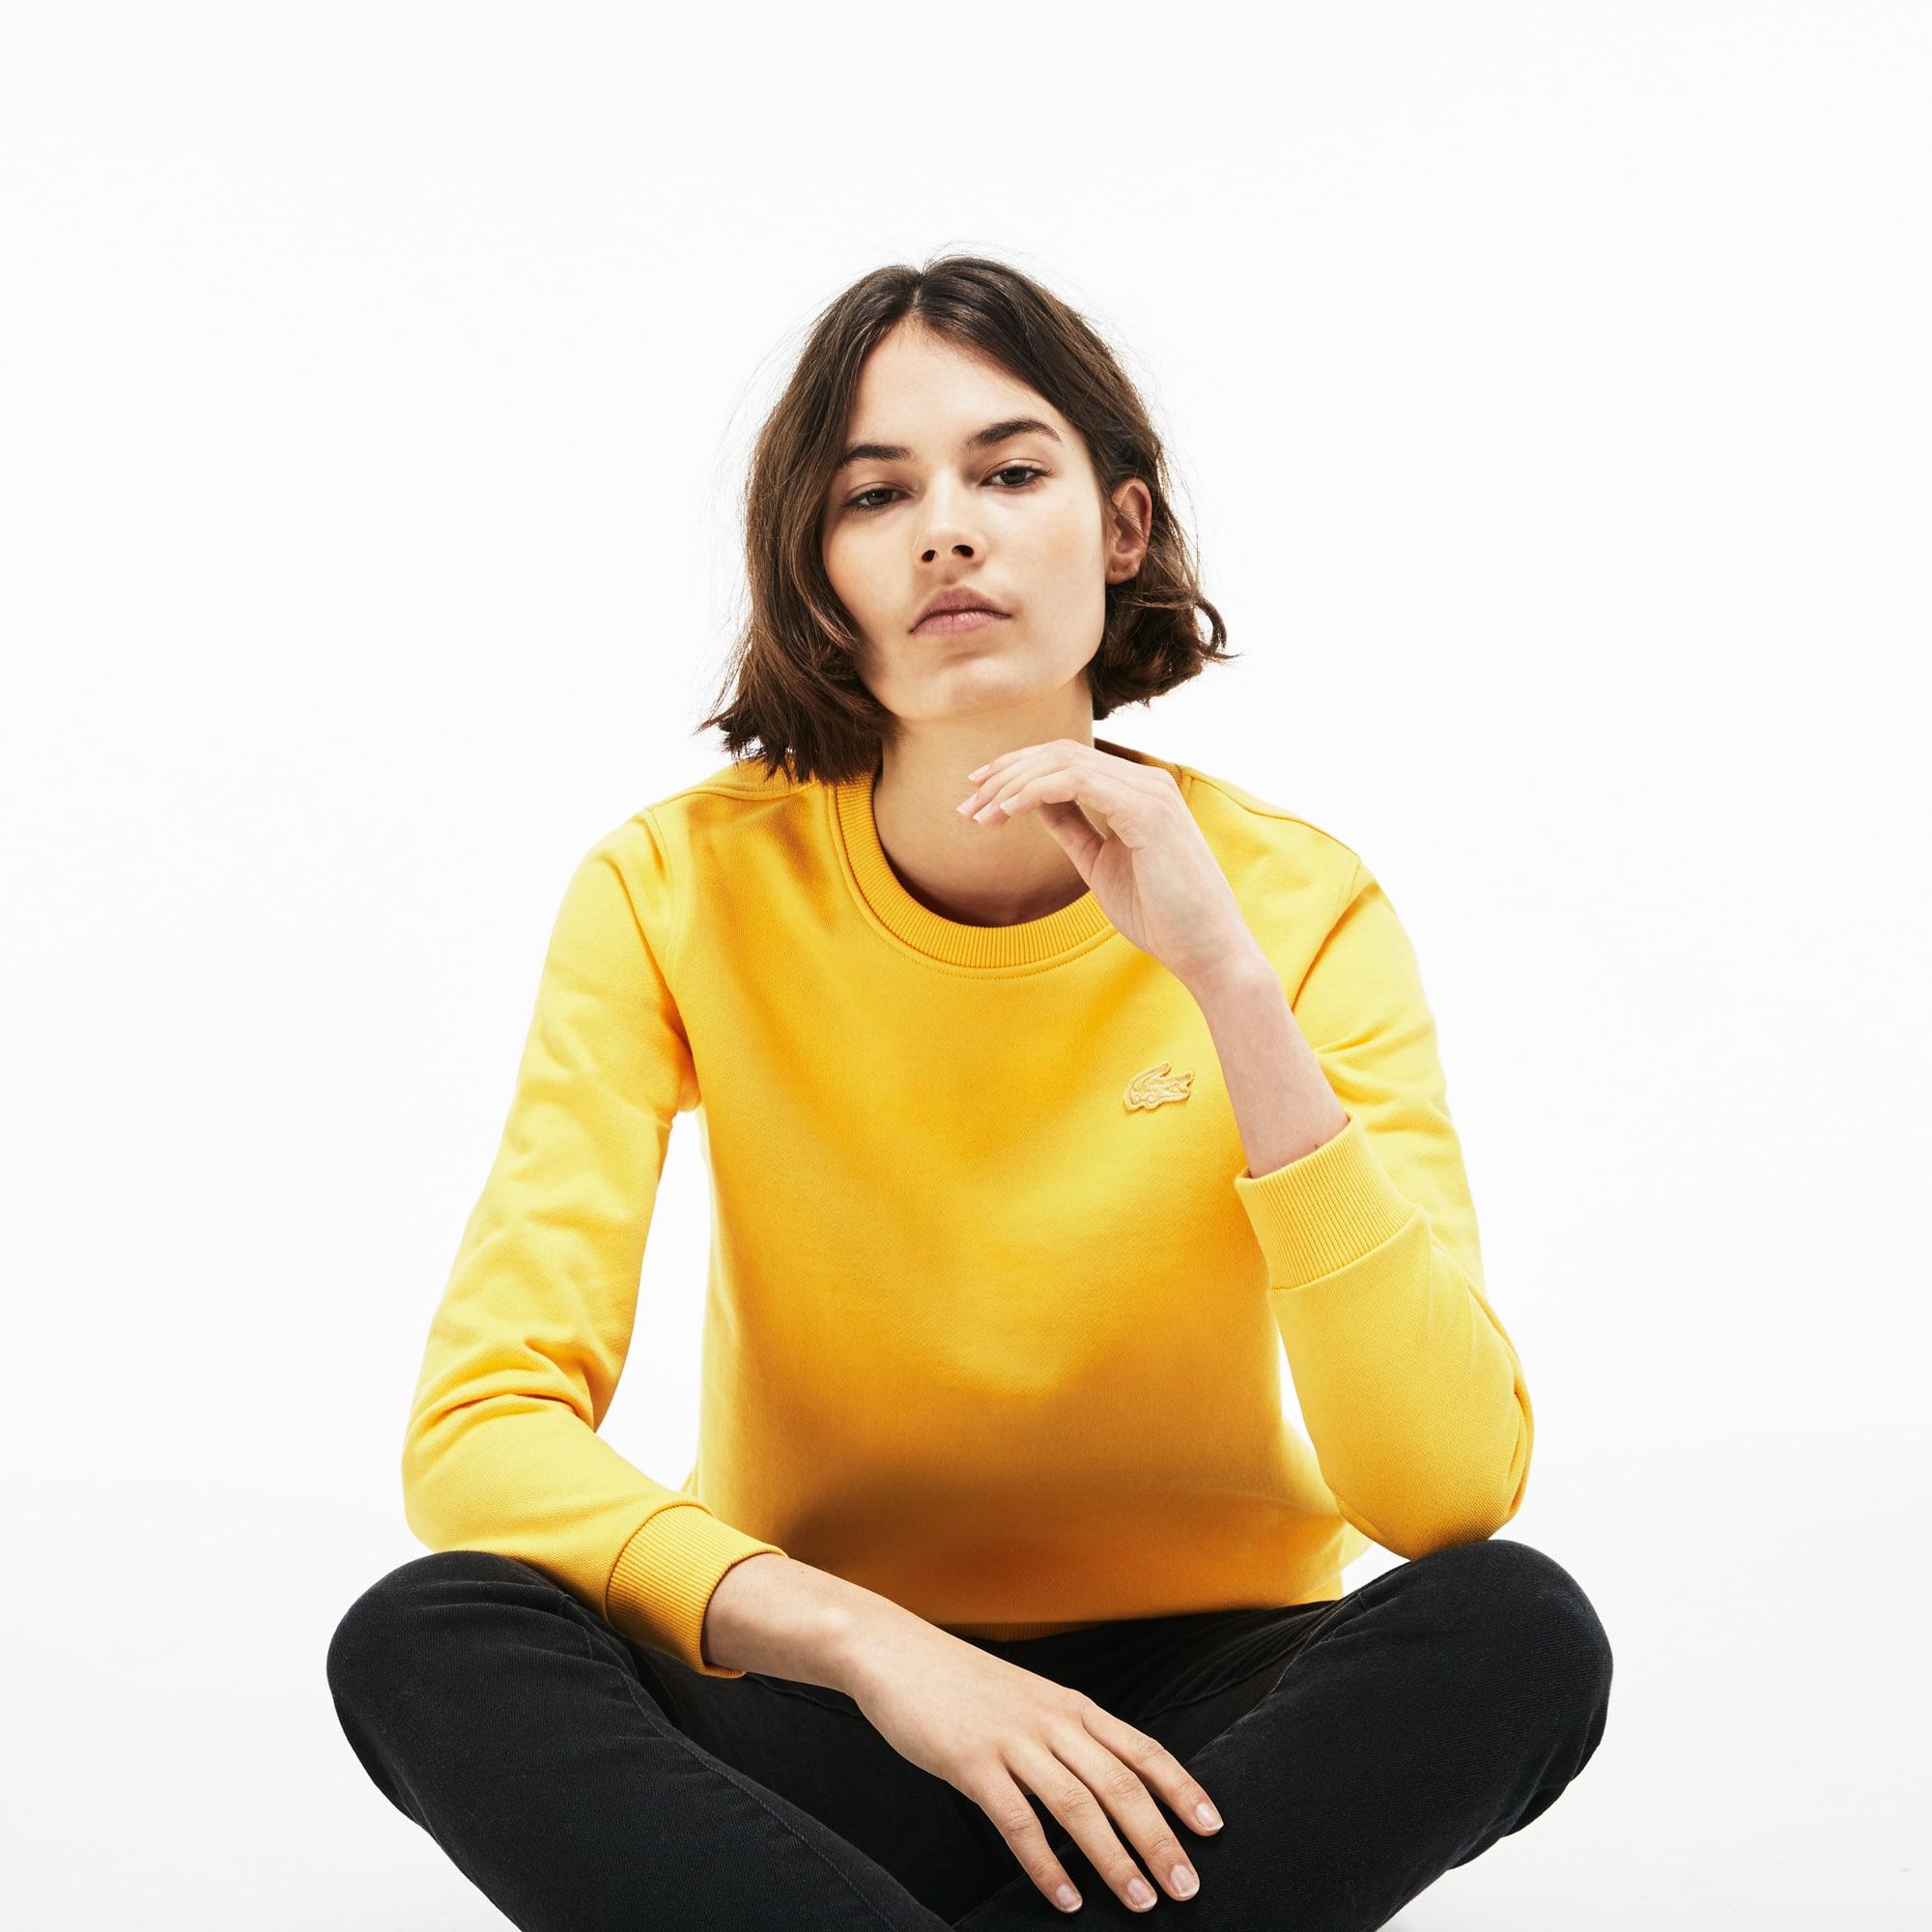 Lacoste - Damen-Sweatshirt mit Schlüssellochausschnitt LACOSTE L!VE - 1